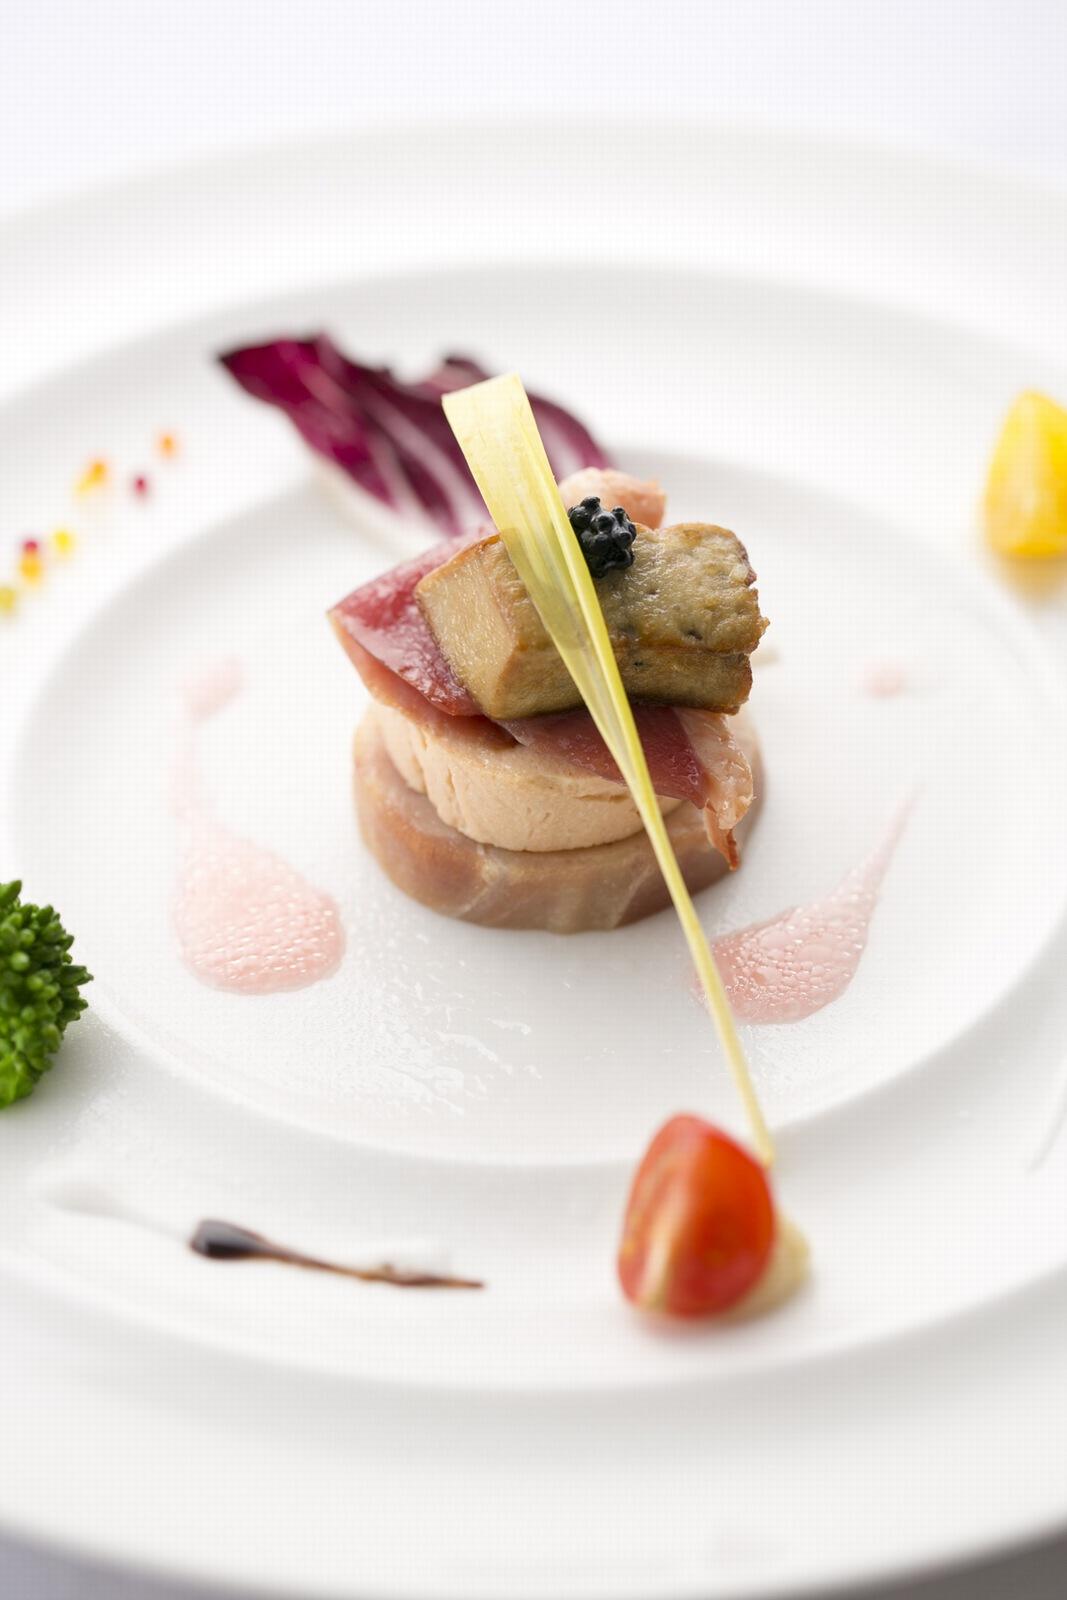 香川県高松市結婚式場シェルエメール&アイスタイルの料理